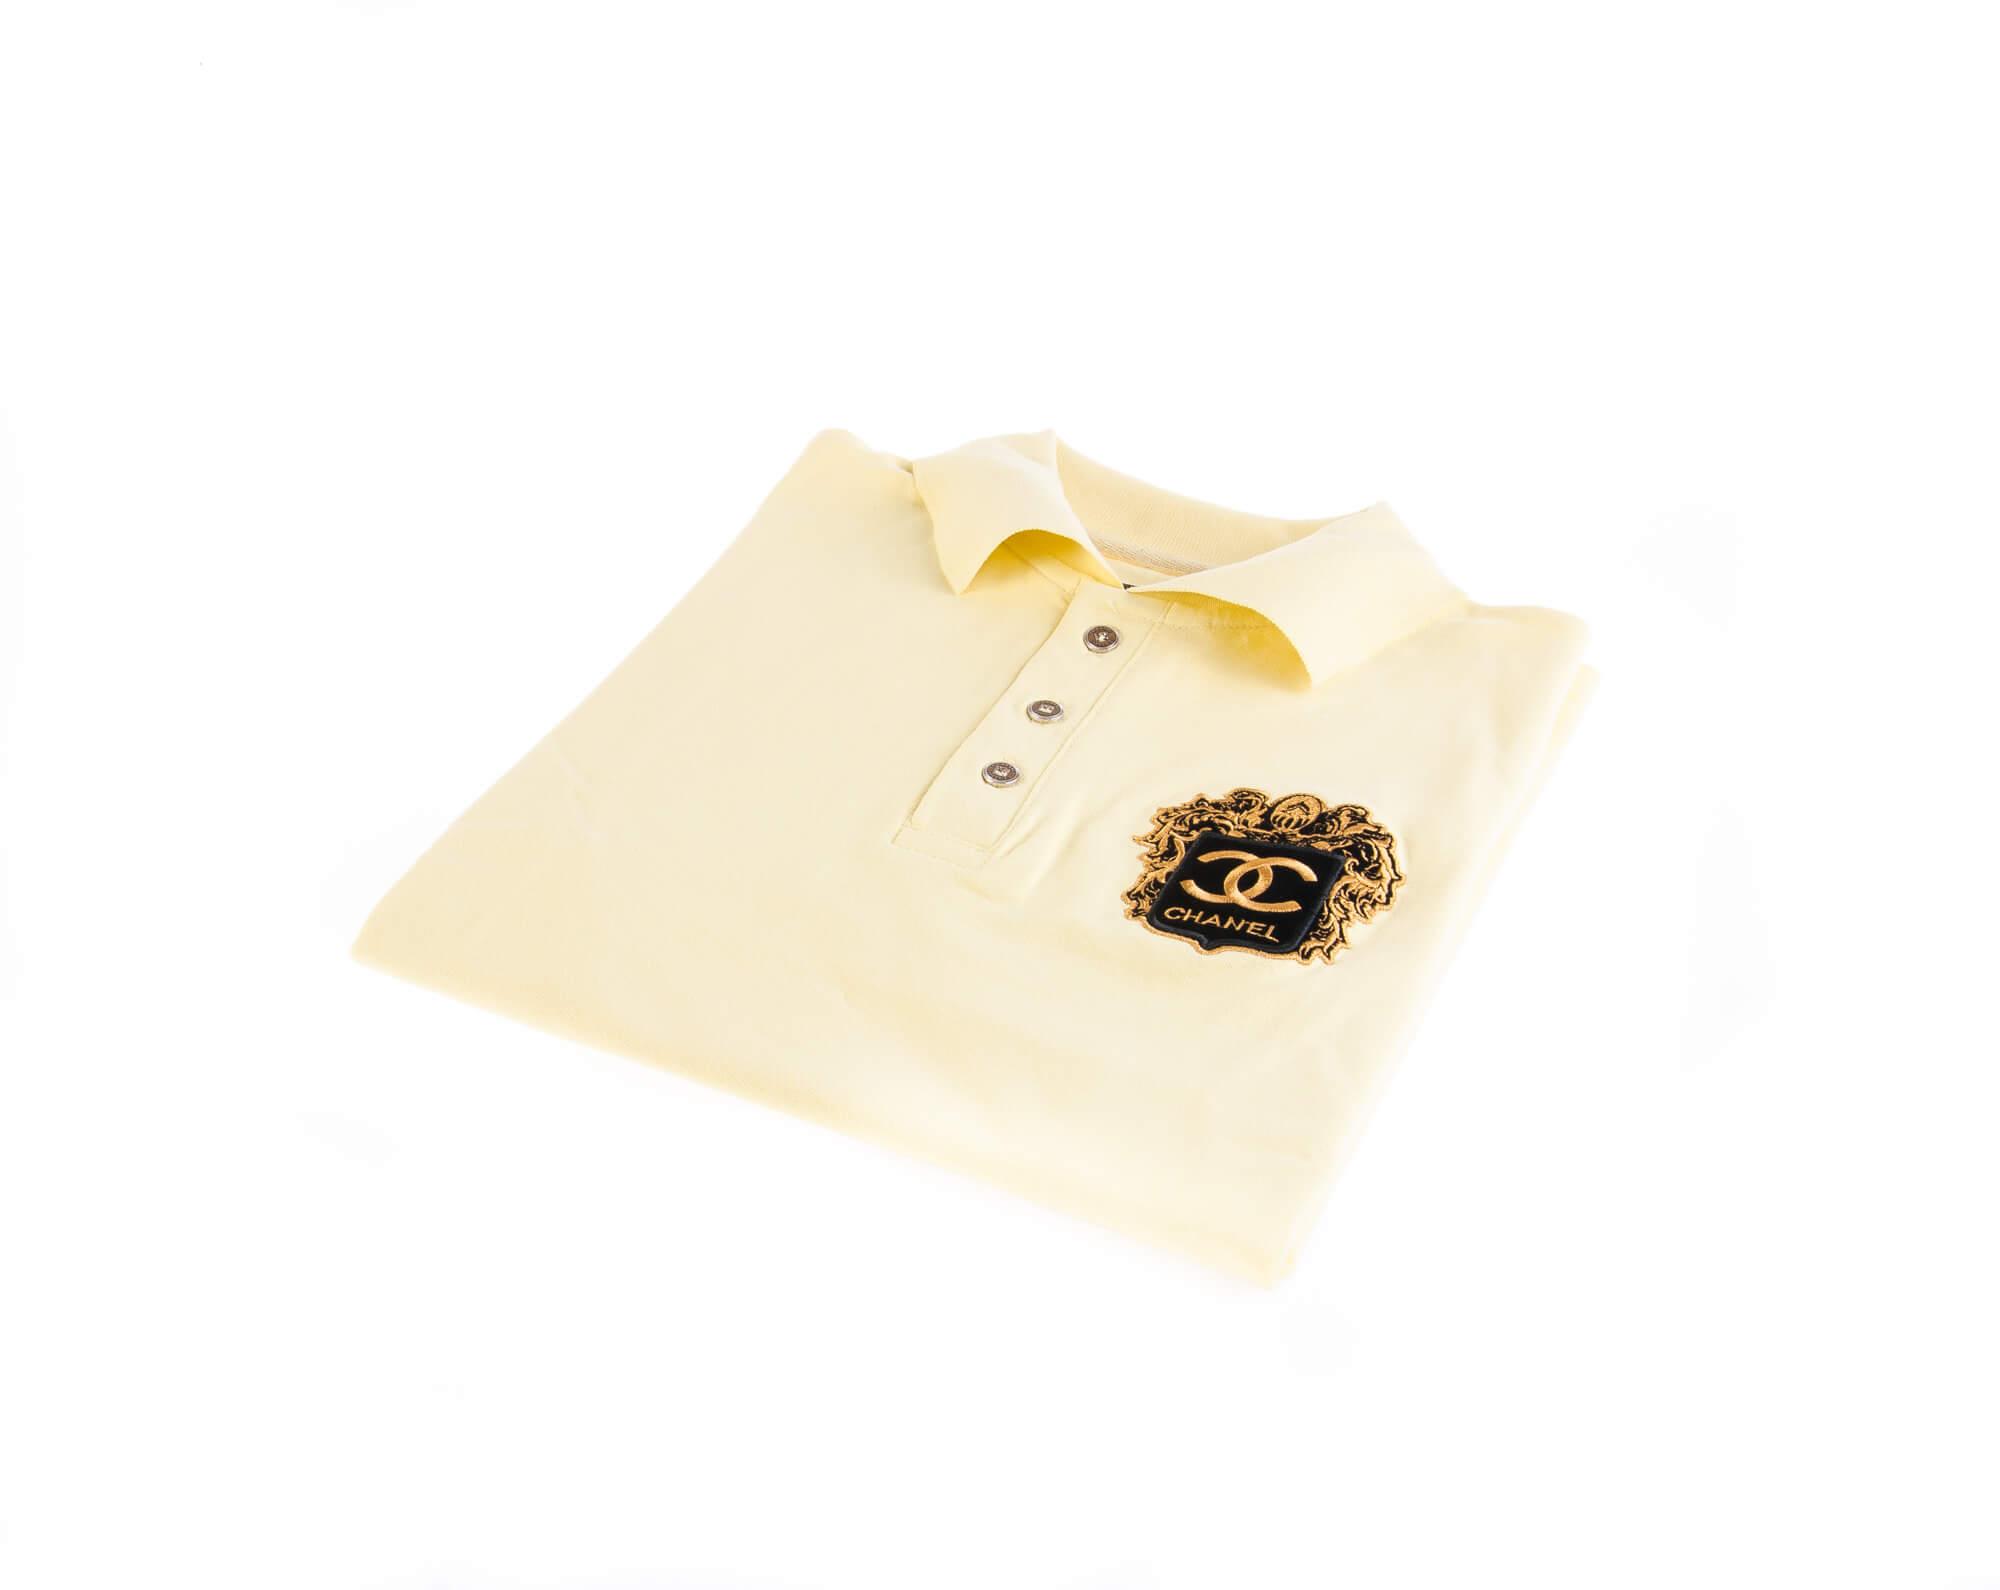 تی شرت یقه دار مردانه طرح PS1067-CHANEL